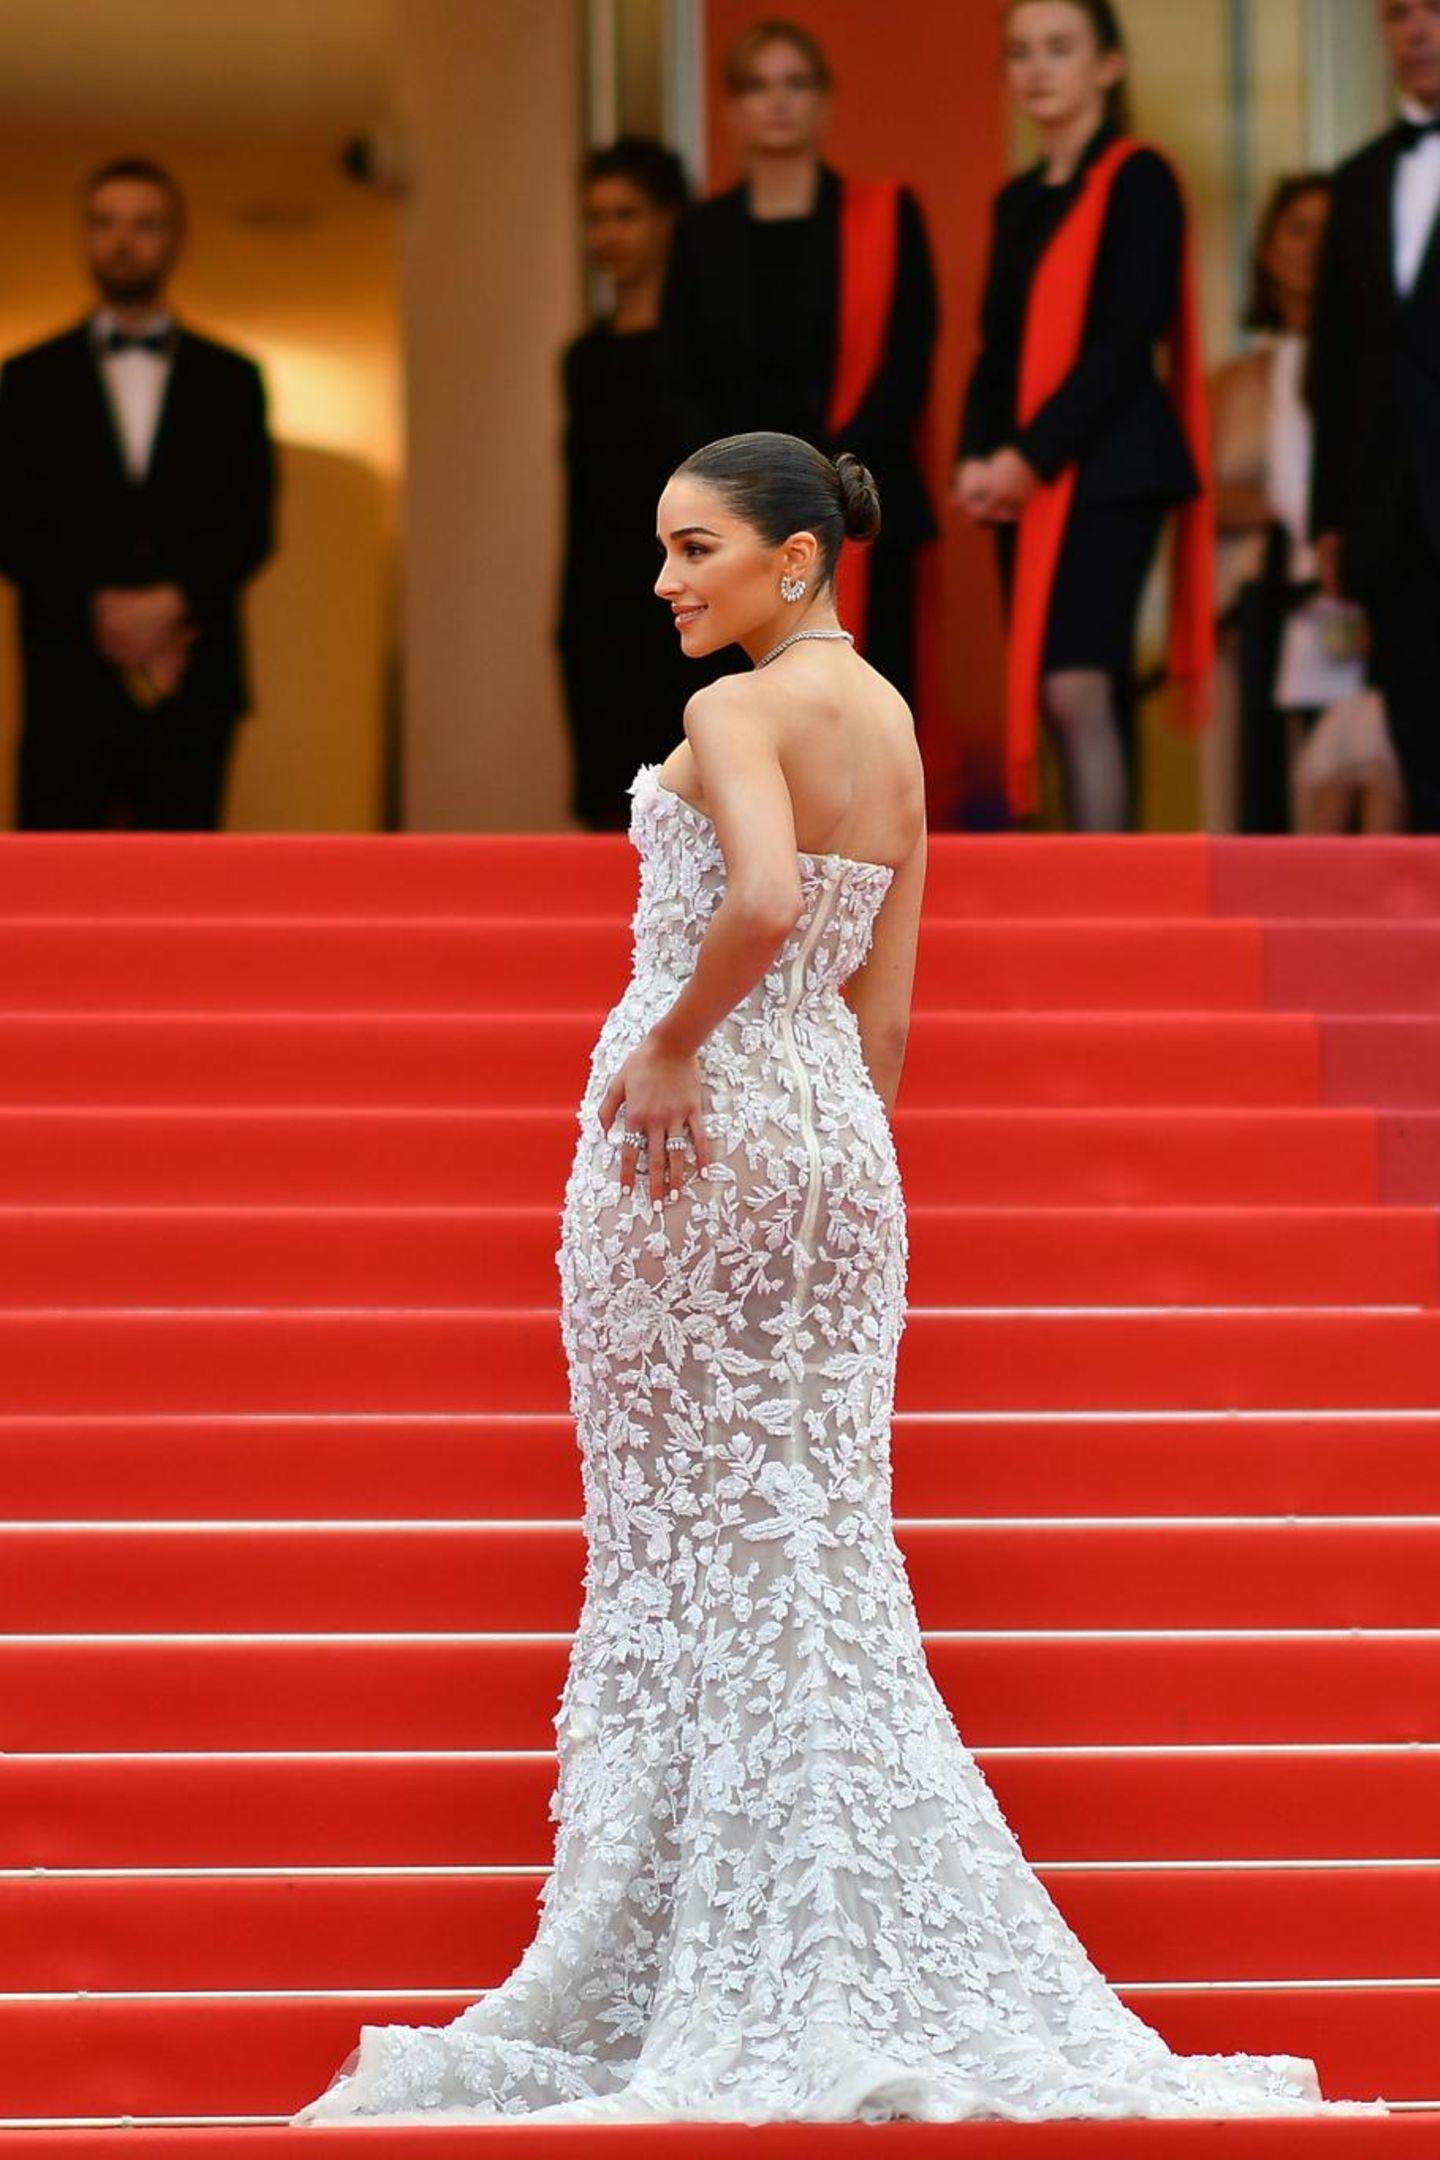 Bevor Olivia Culpo in den Filmpalast von Cannes verschwindet, posiert sie noch einmal für die Fotografen. Ihr Kleid fällt dabei zauberhaft an ihrem Körper herunter und fächert sich auf dem Boden perfekt. Zufall? Keinesfalls.